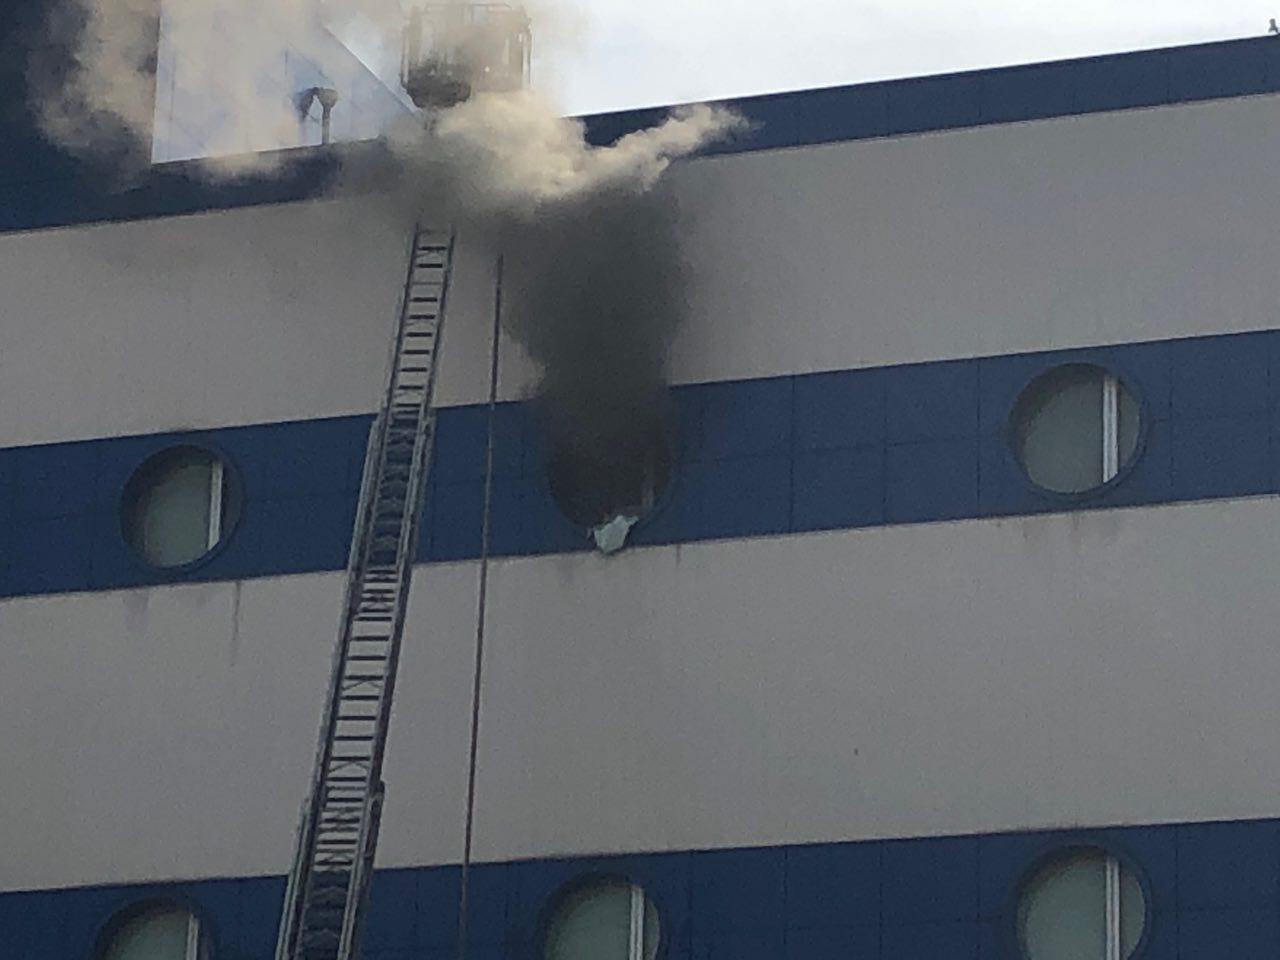 В Москве горит торговый центр для детей. Пострадавших пока двое - взрослые 5b943980620